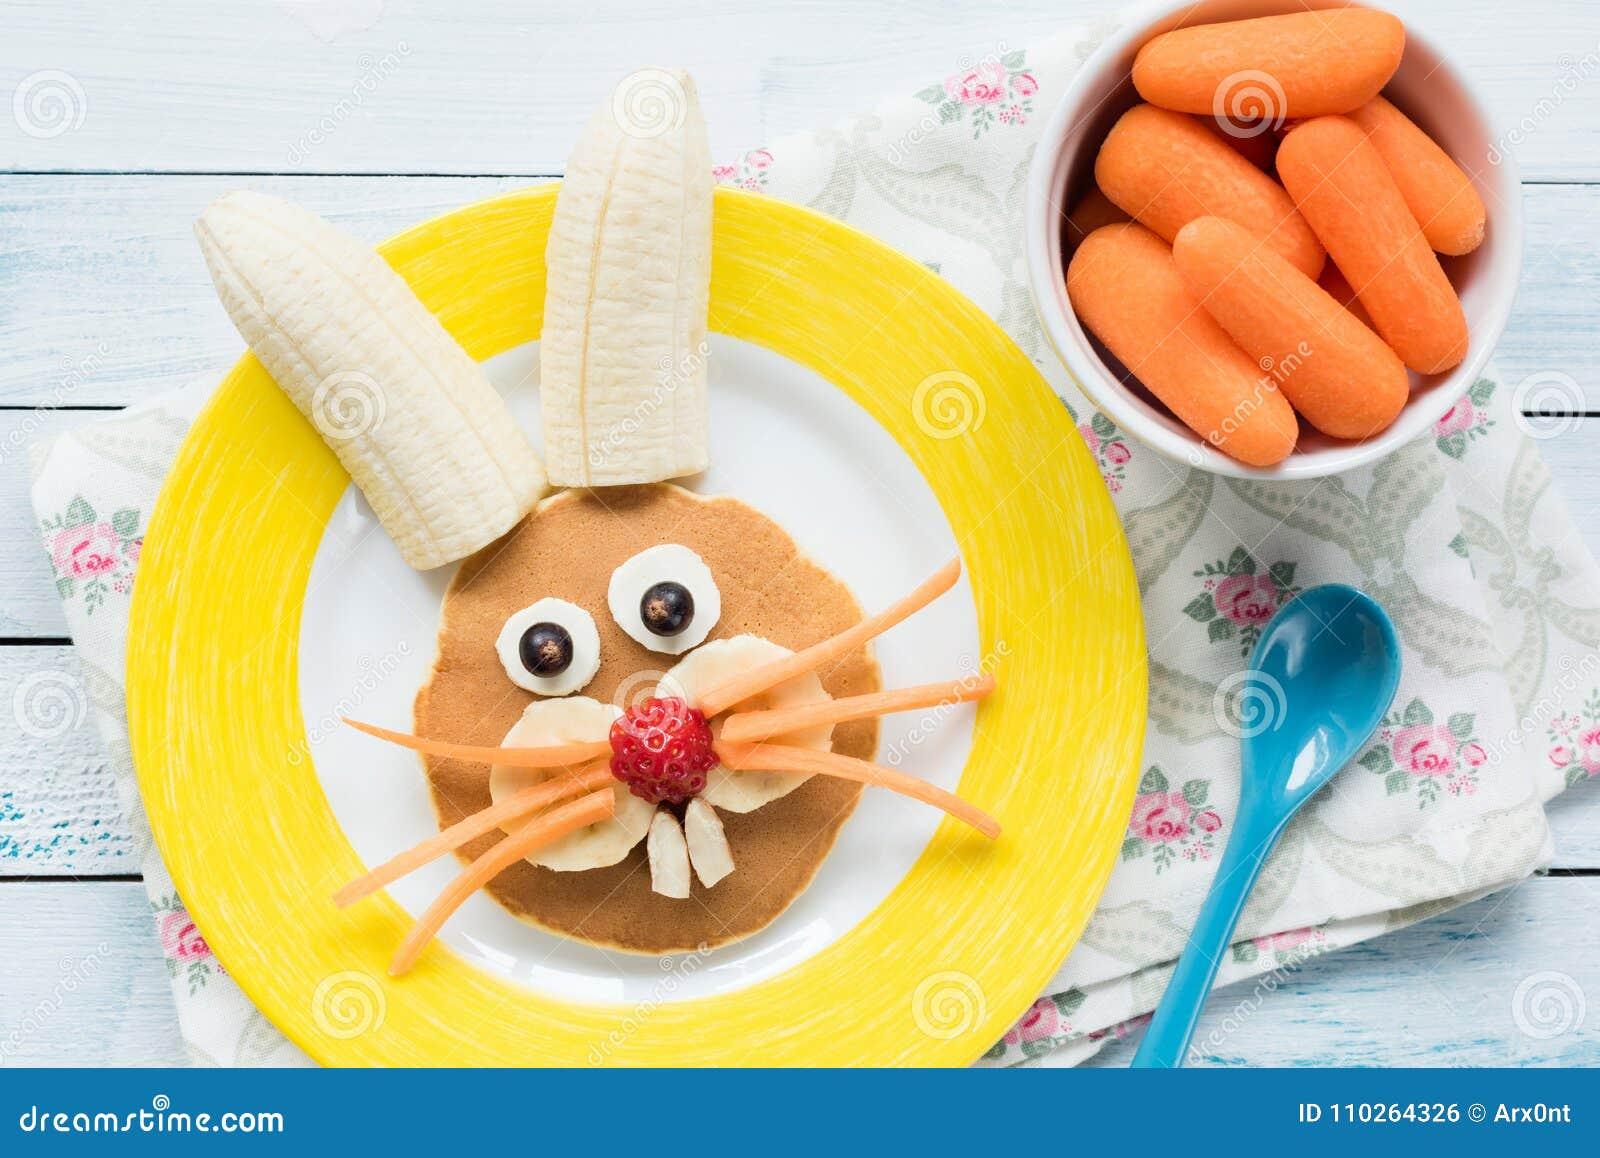 Pascua Bunny Pancake For Kids Comida divertida colorida para los niños